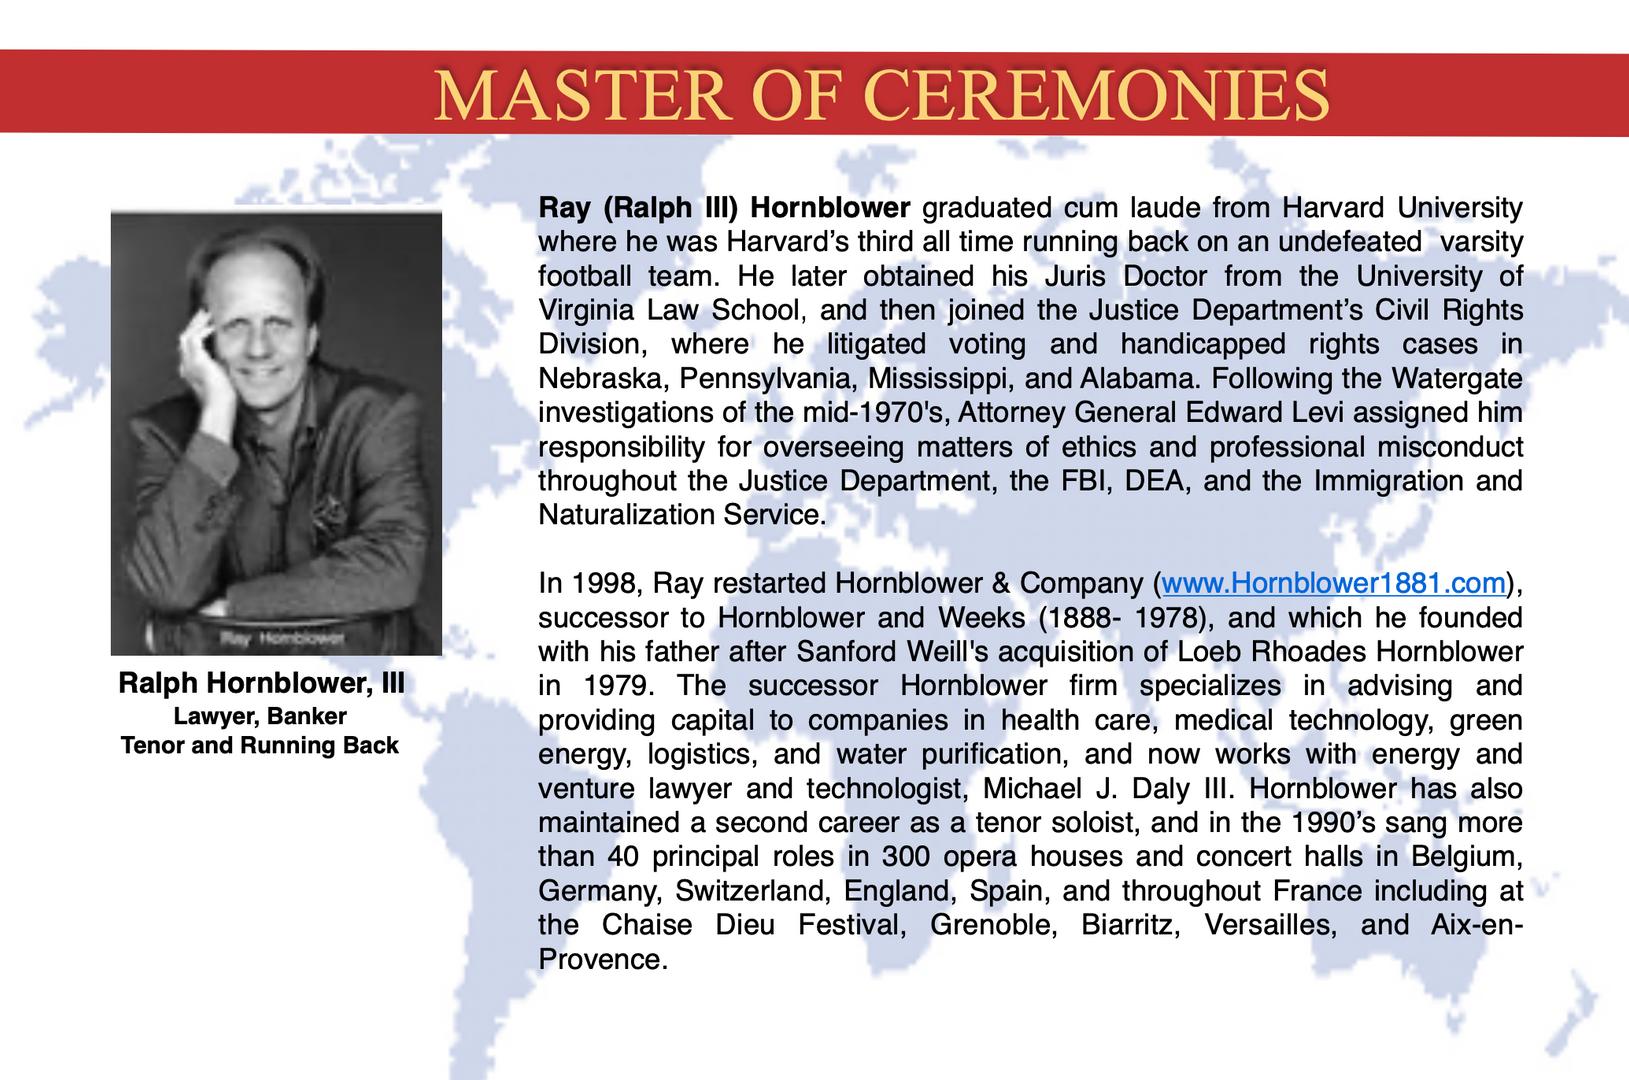 Ralph Hornblower, III